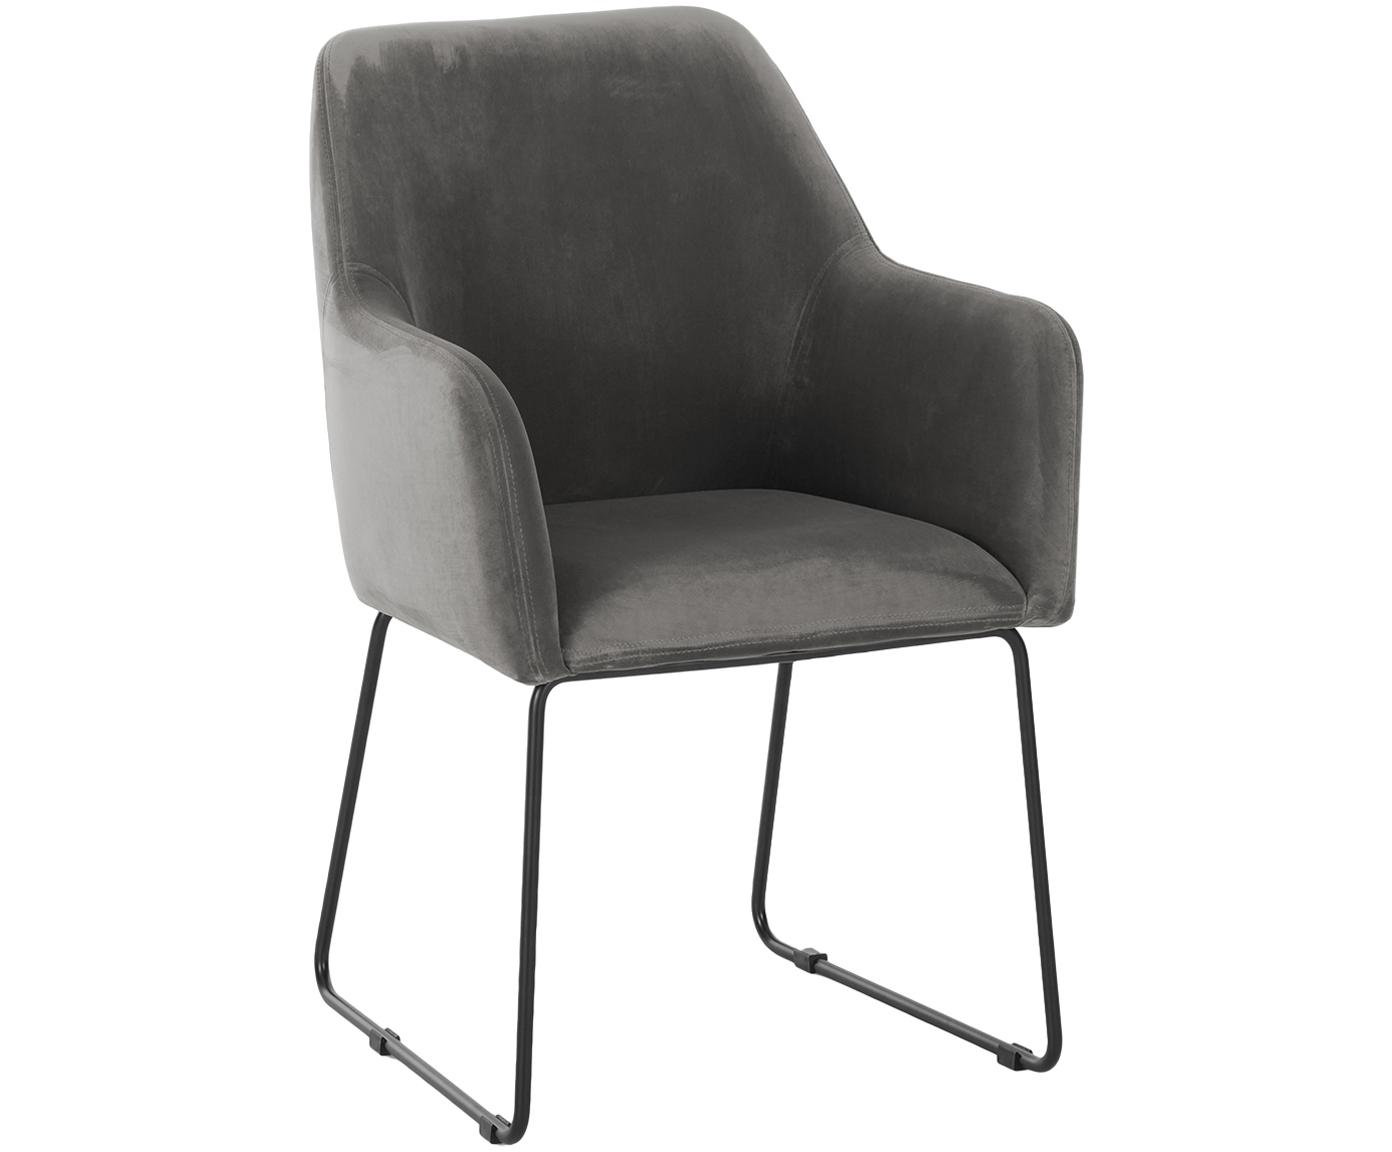 Sedia in velluto con braccioli Isla, Rivestimento: velluto (poliestere) 50.0, Gambe: metallo verniciato a polv, Velluto grigio pietra, gambe nero, Larg. 58 x Prof. 62 cm